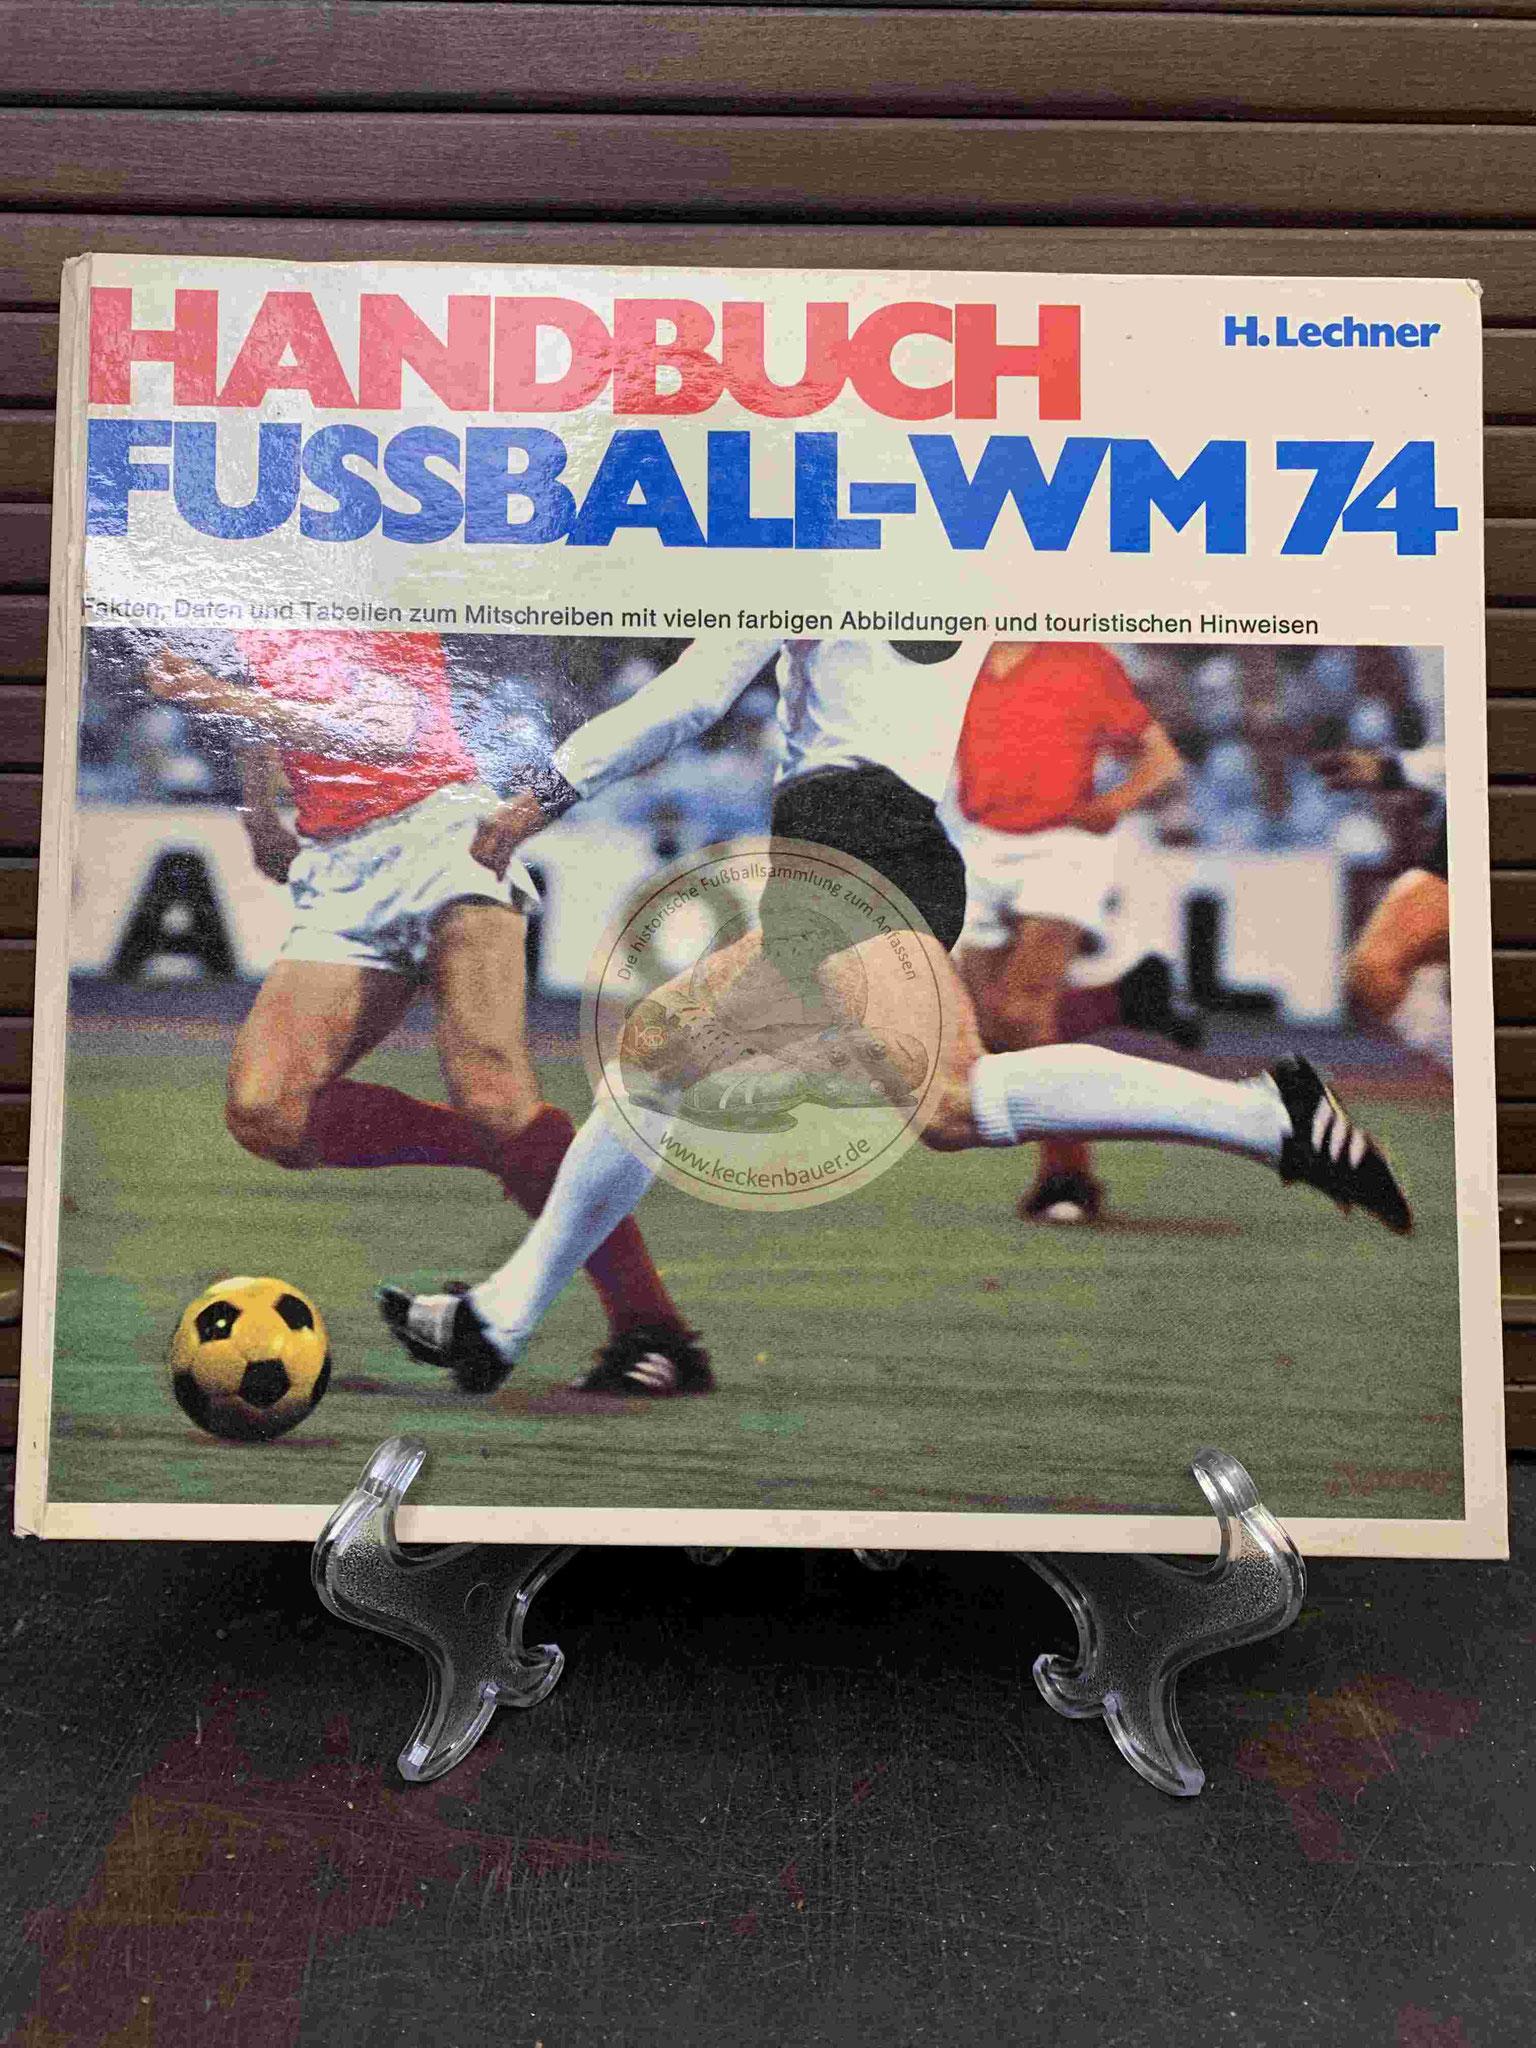 Handbuch Fußball WM 74 von H.Lechner aus dem Jahr 1974